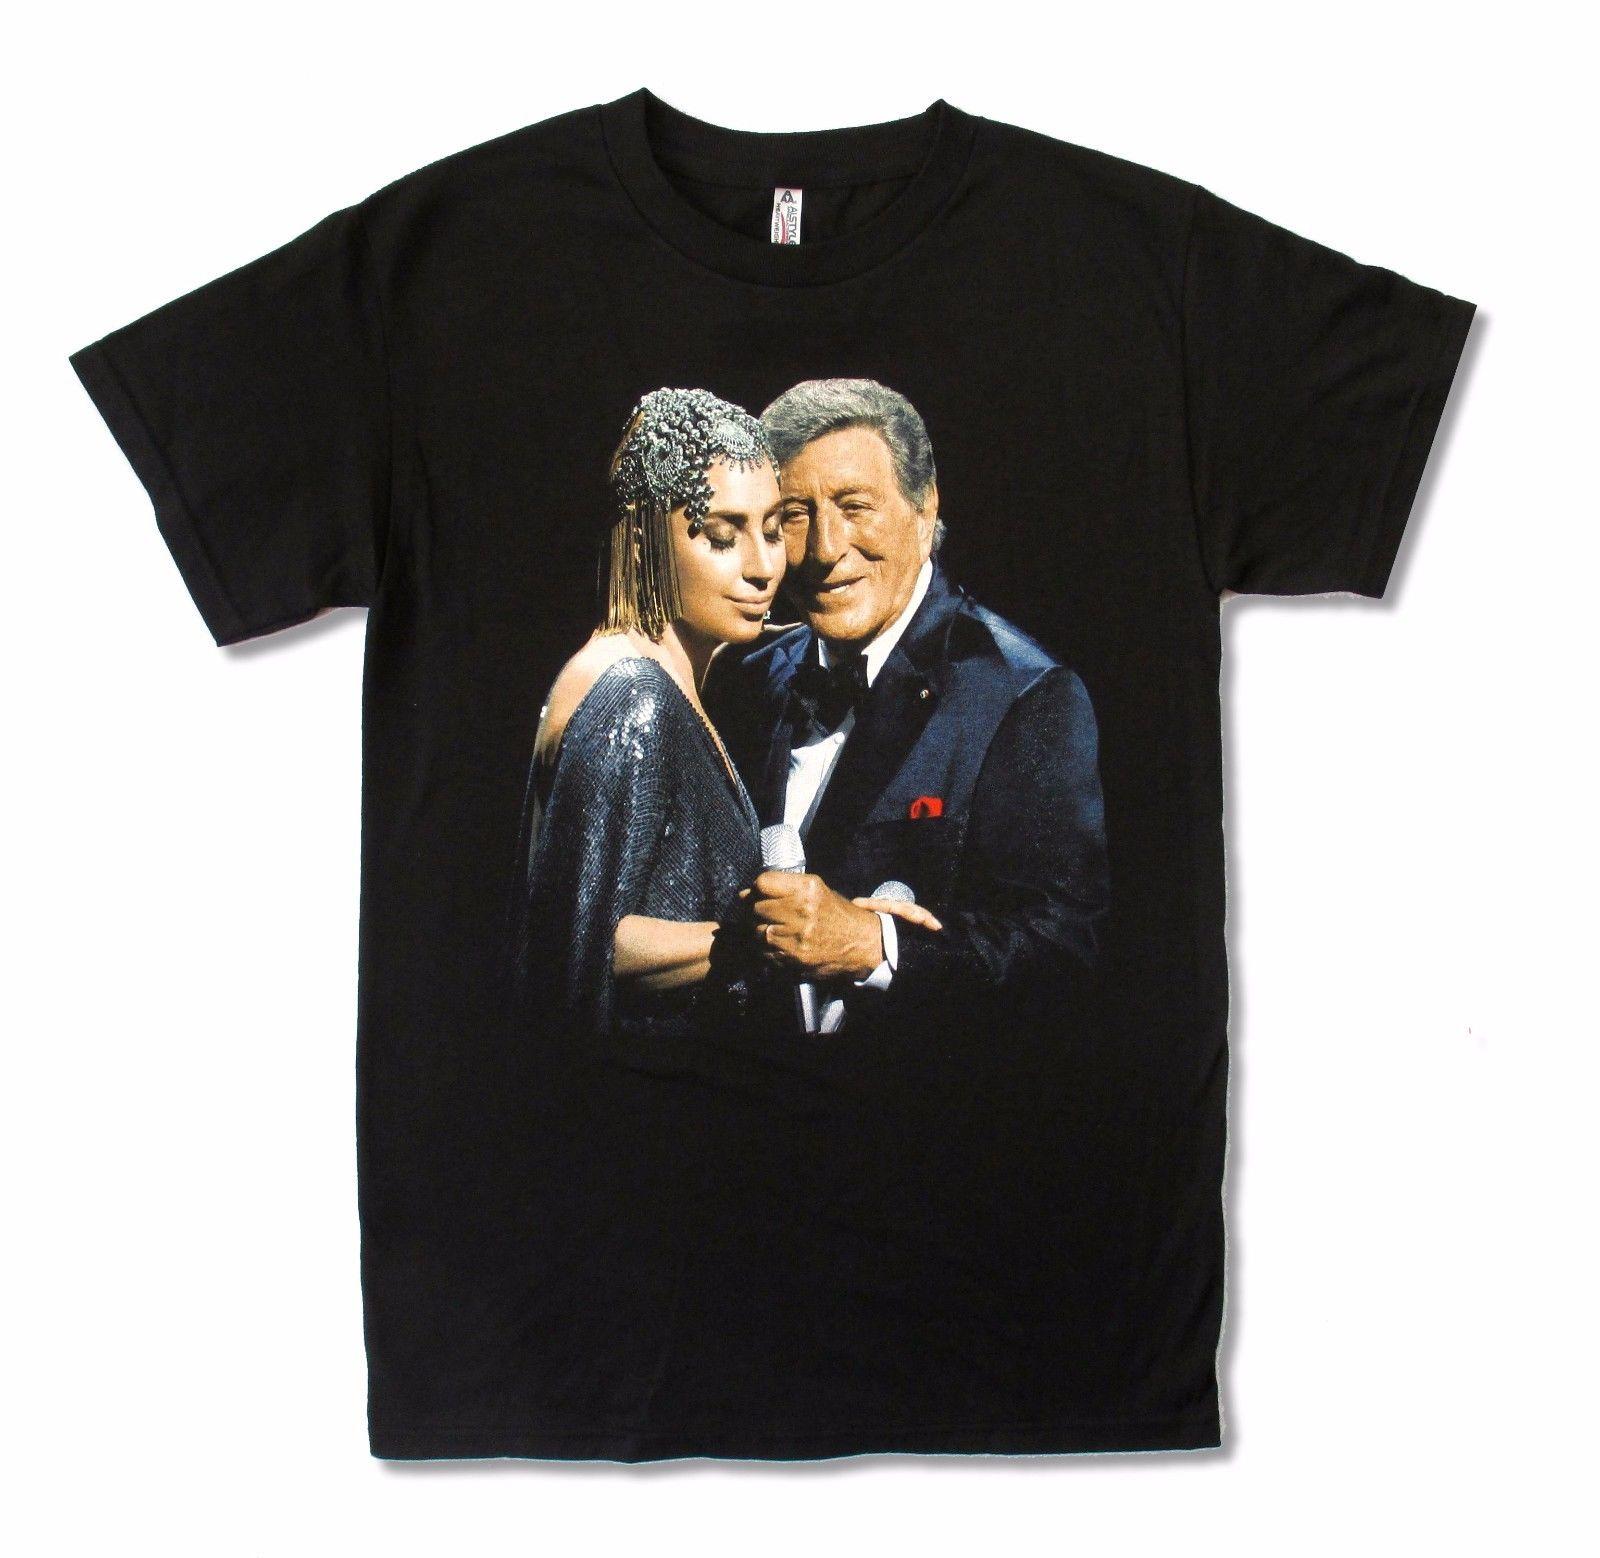 ליידי גאגא טוני בנט צ 'י כדי סיור Cheks Mens - בגדי גברים